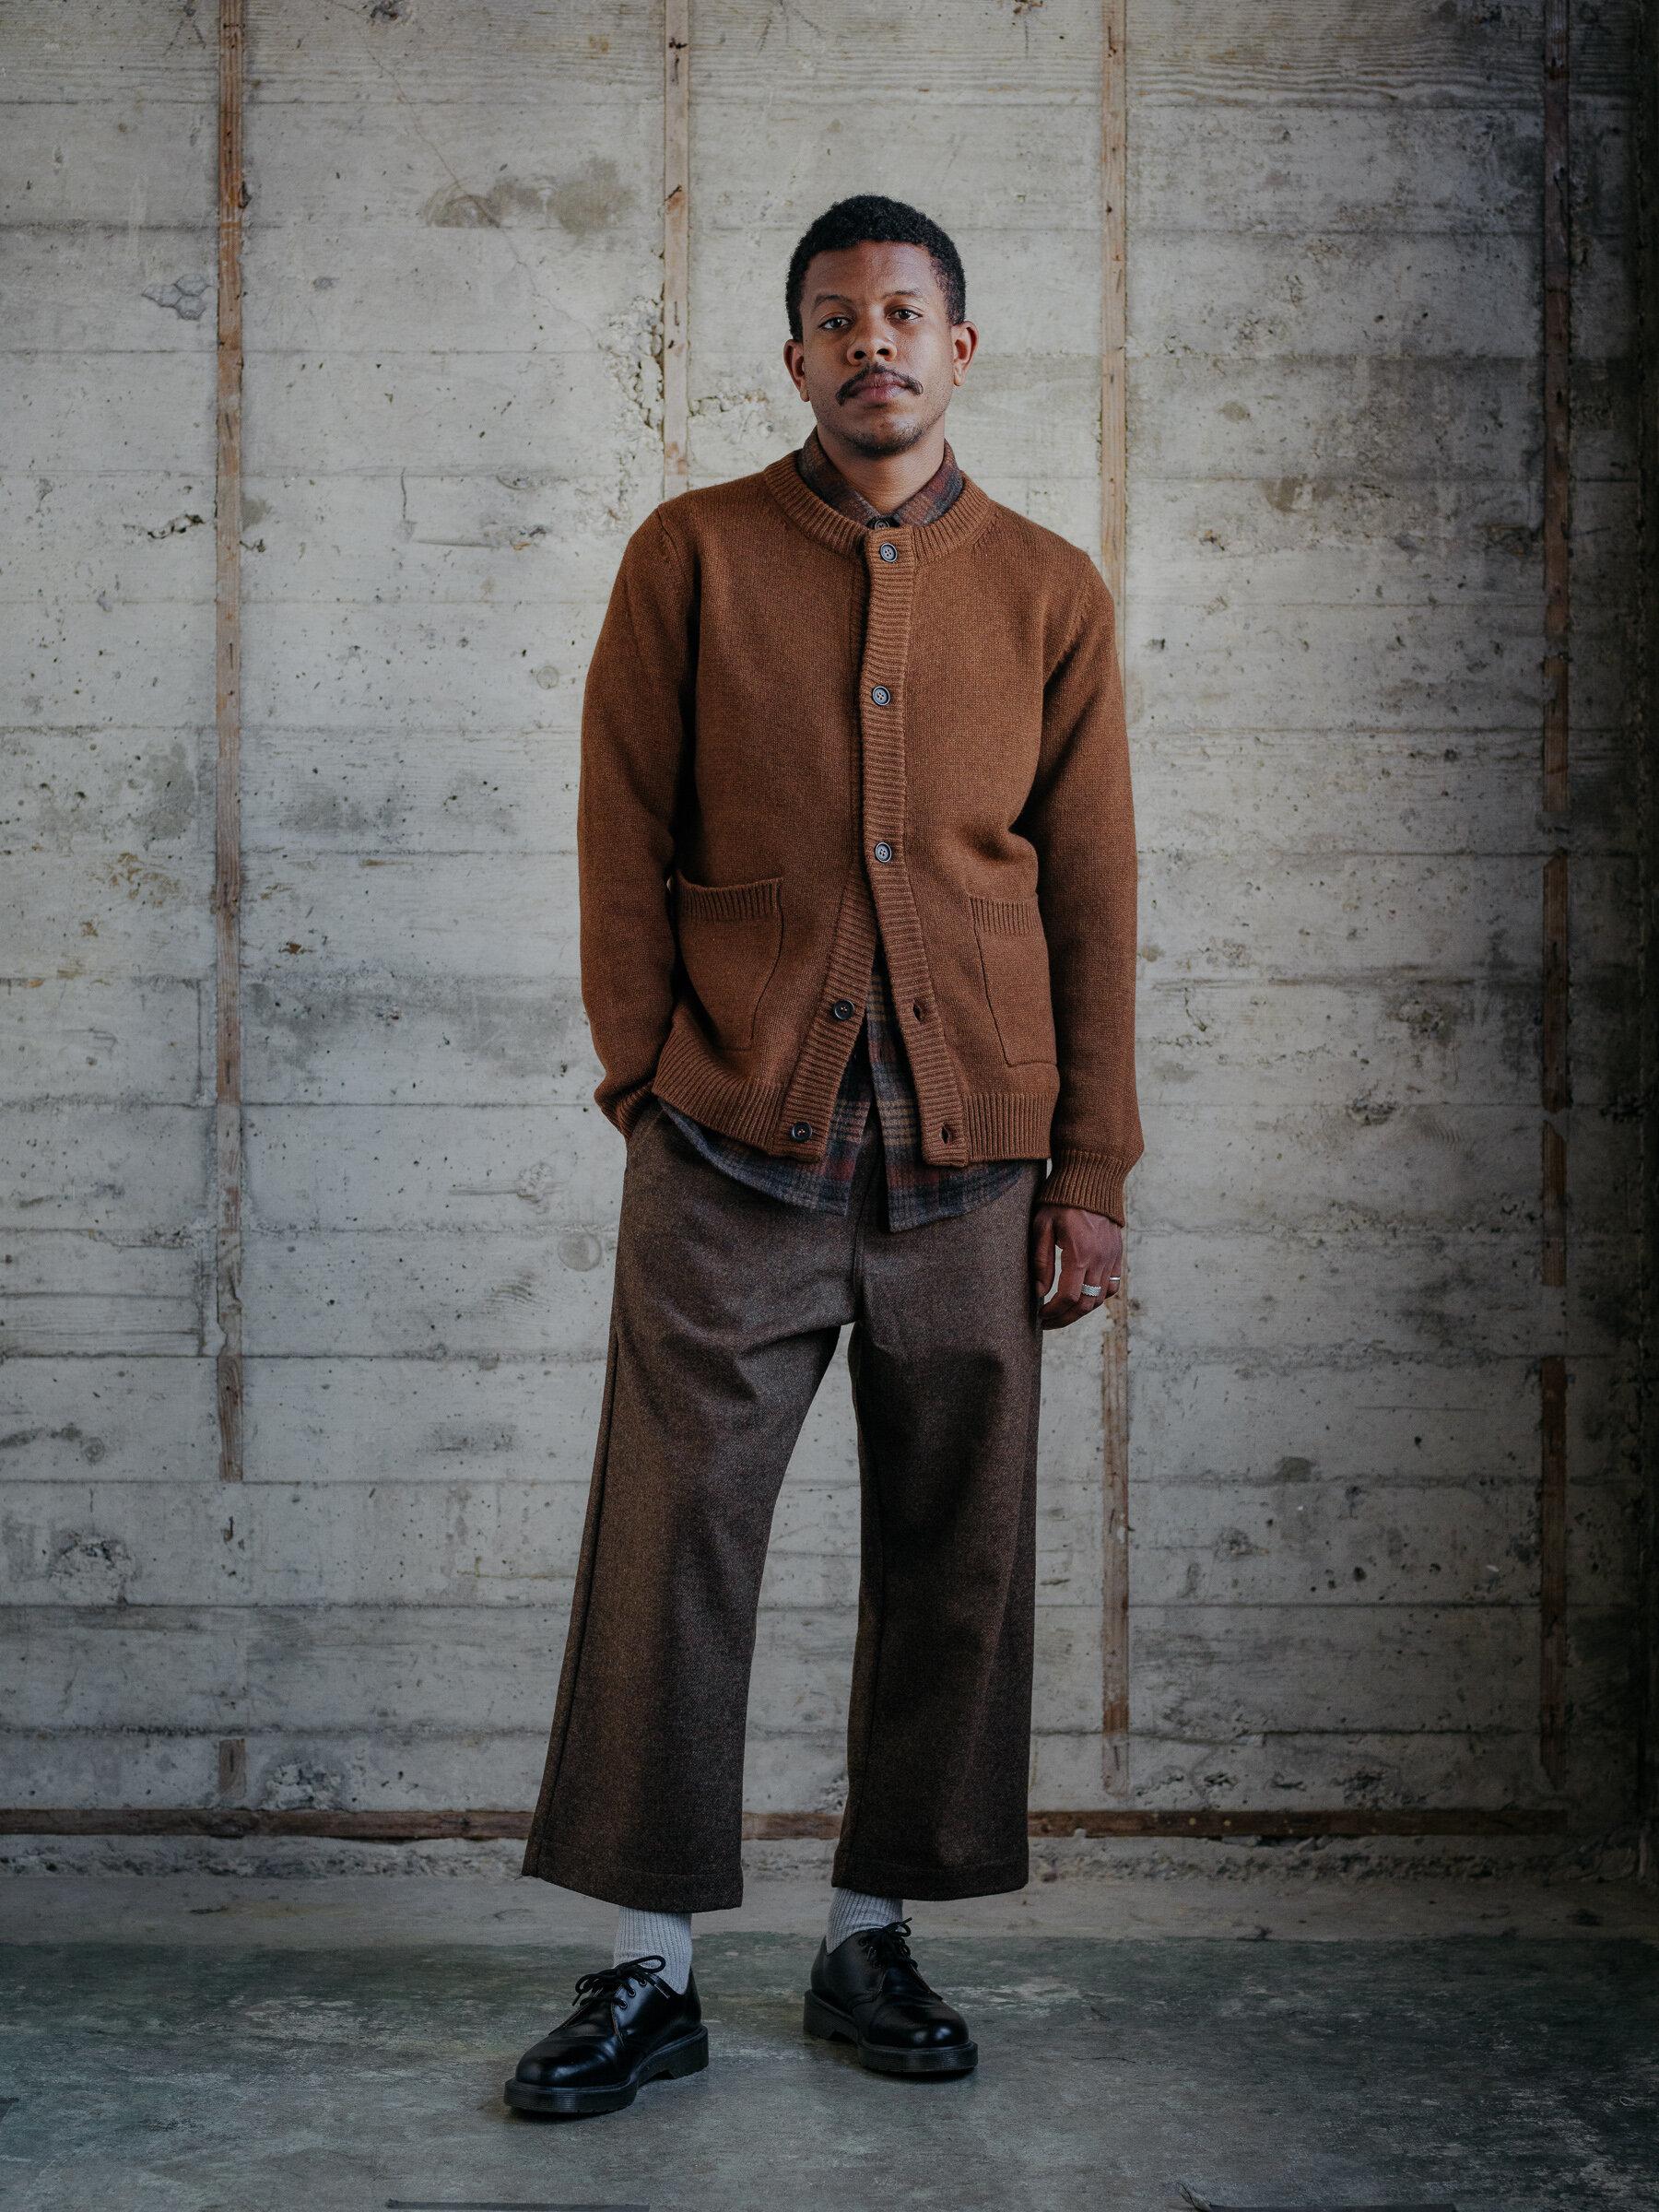 evan-kinori-crewneck-cardigan-sweater-cashmere-lambswool-made-in-italy-1